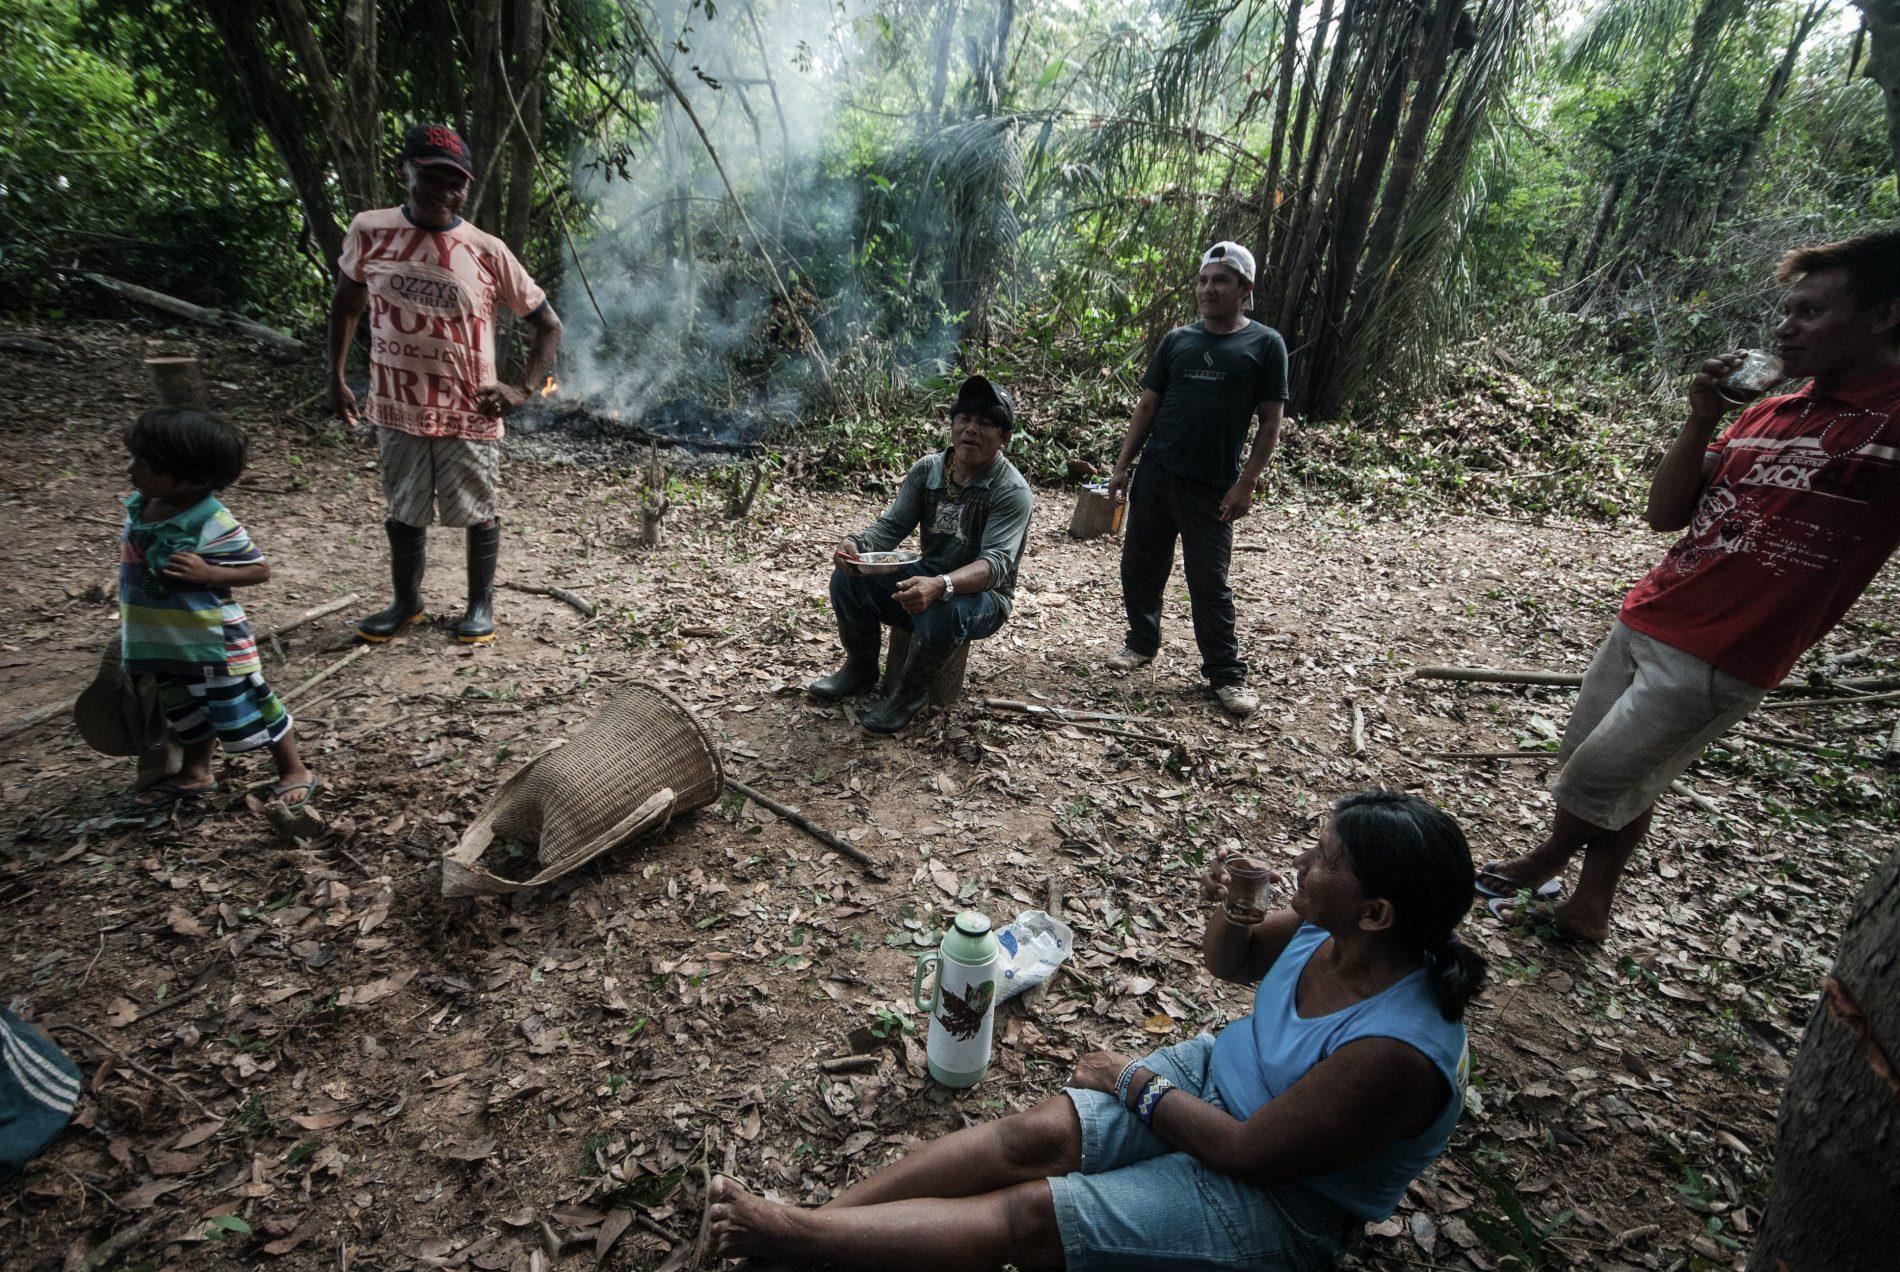 Índios Munduruku podem ter suas terras ameaçadas se forem aprovadas novas usinas no rio Tapajós